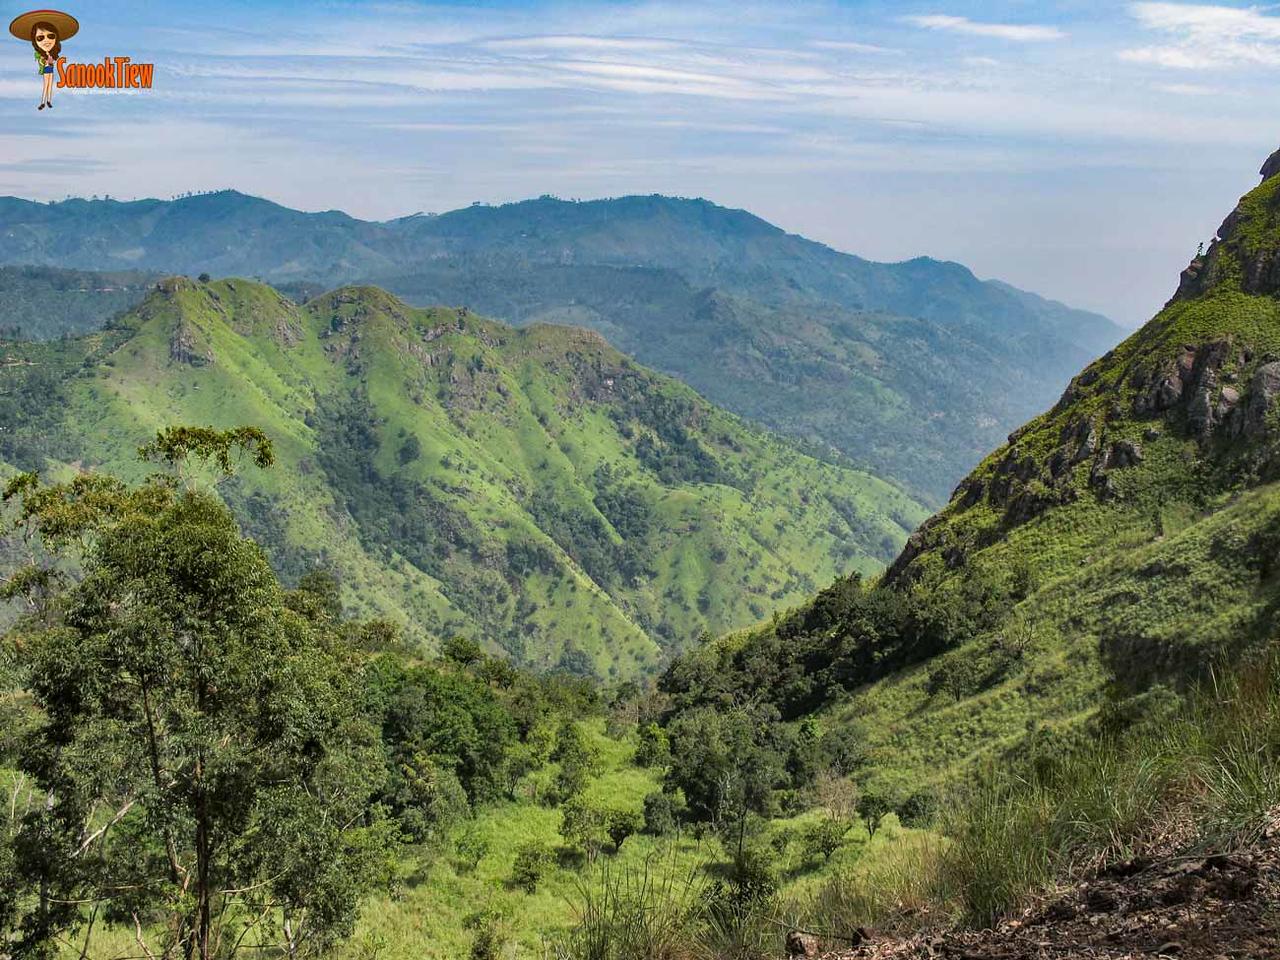 ข้อมูลเที่ยว ศรีลังกา เที่ยวศรีลังกา Sri Lanka